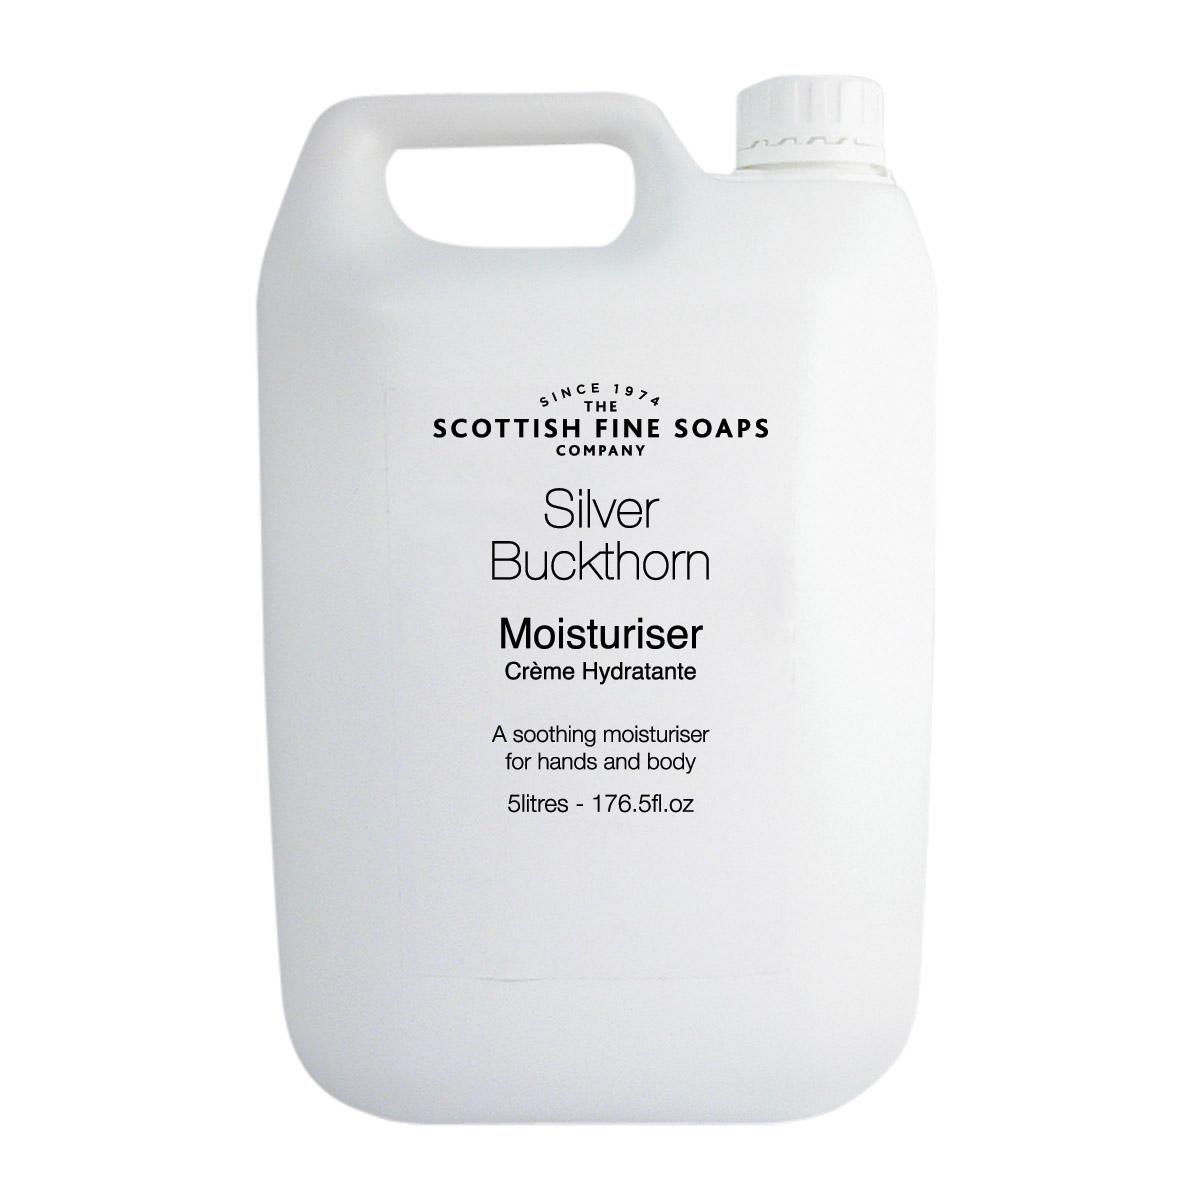 Silver-Buckthorn-Moisturiser-5Ltr